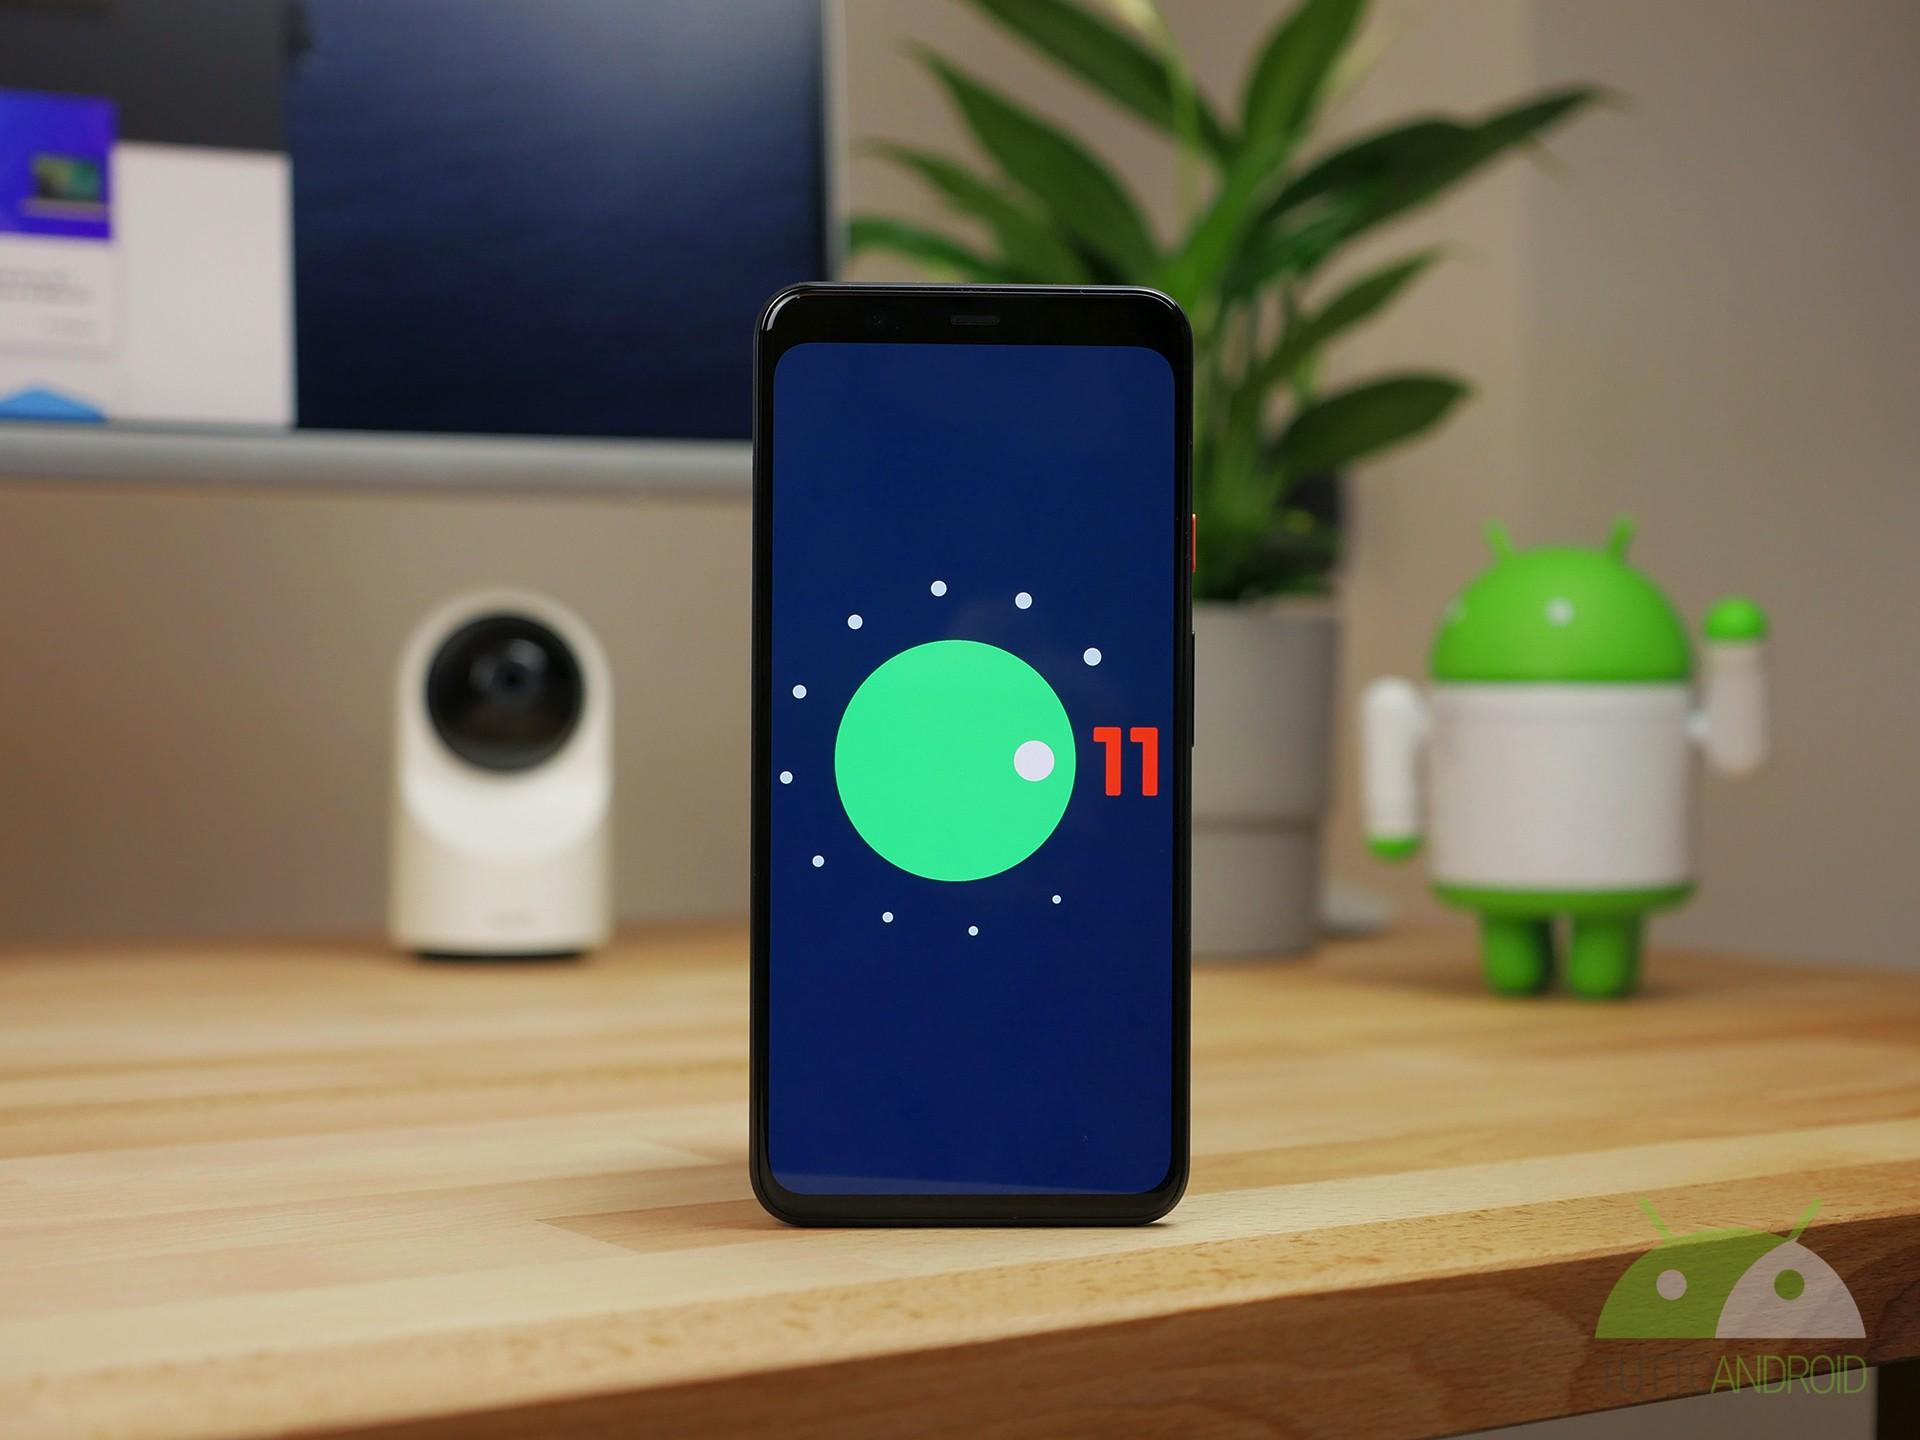 Google rilascia Android 11 beta 1 per errore: ecco le novità